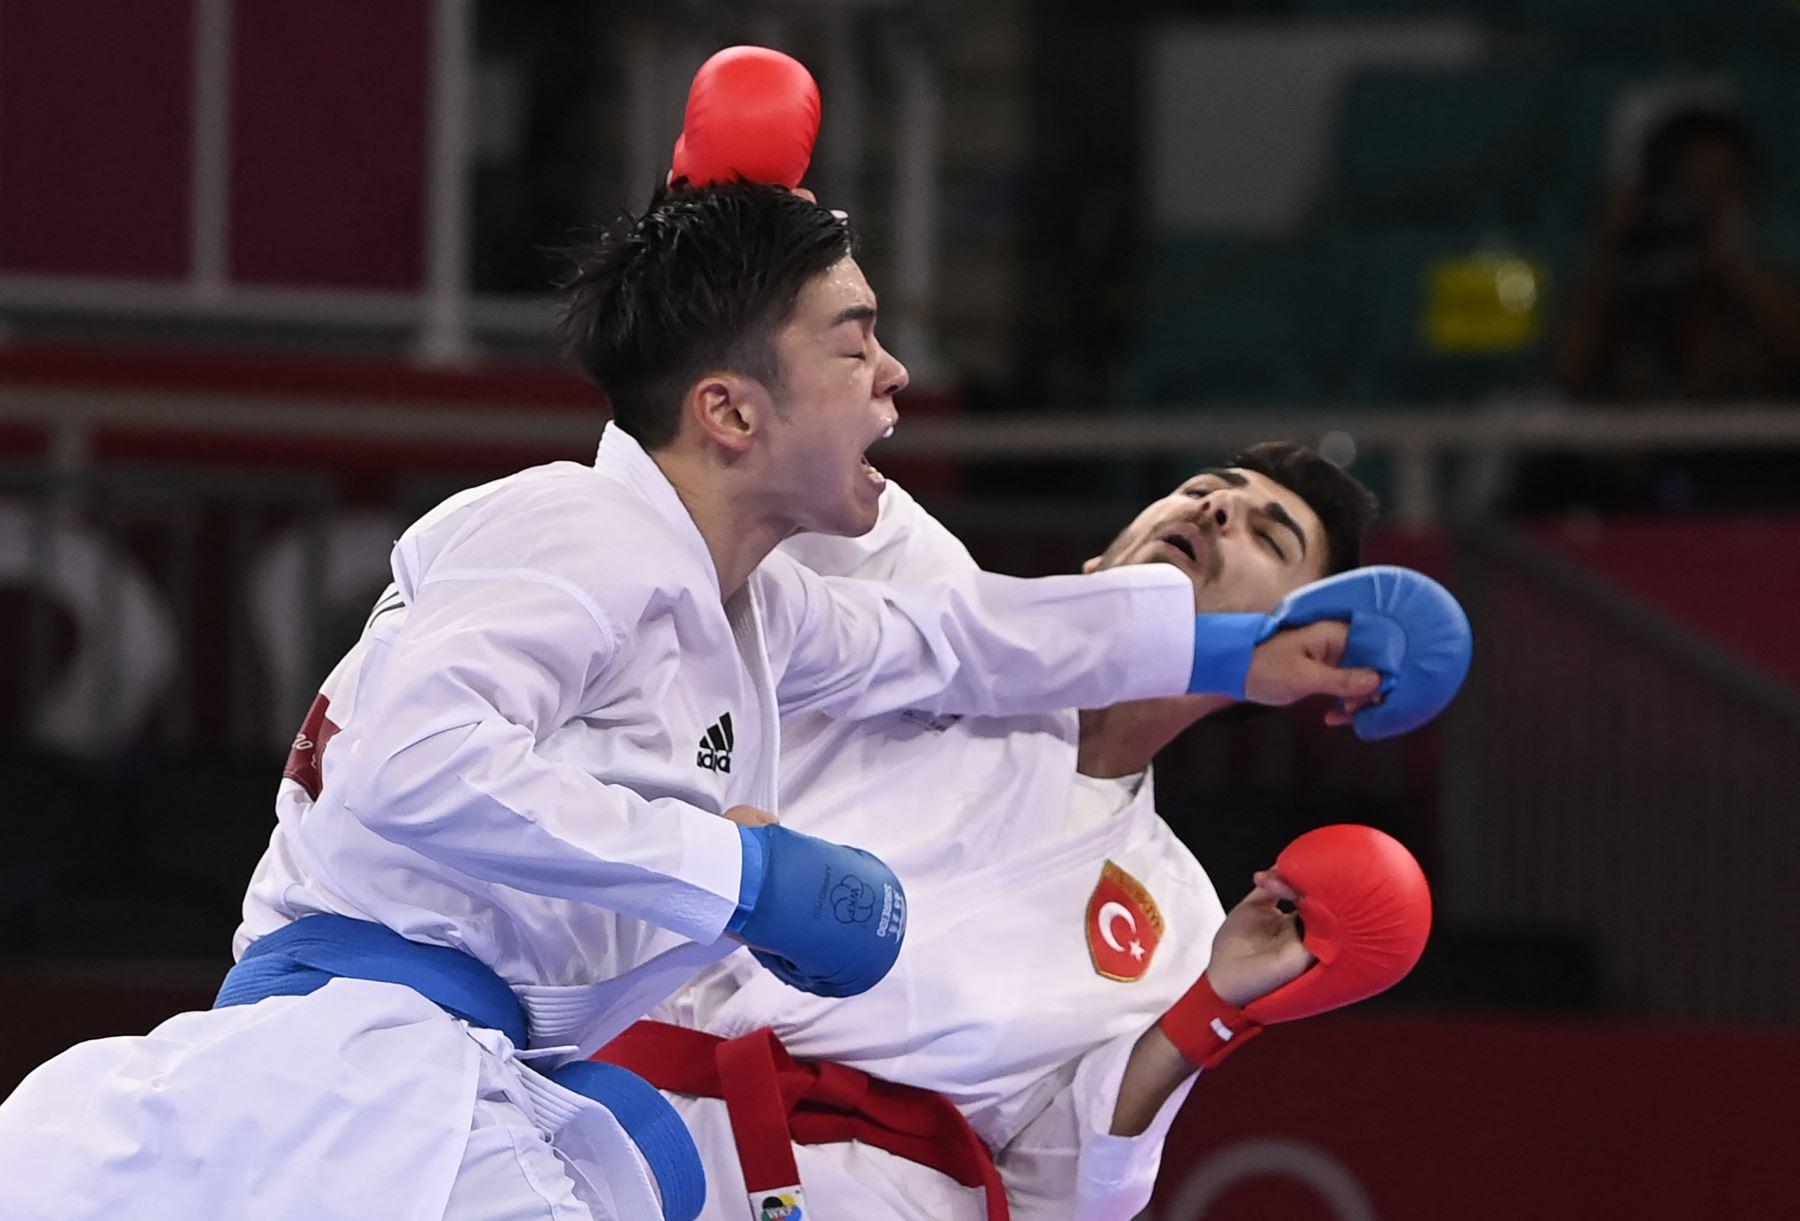 Samdan en la ronda eliminatoria masculina de kumite 67 kg. de la competencia de kárate durante los Juegos Olímpicos de Tokio 2020 en el Nippon Budokan en Tokio. Foto: AFP